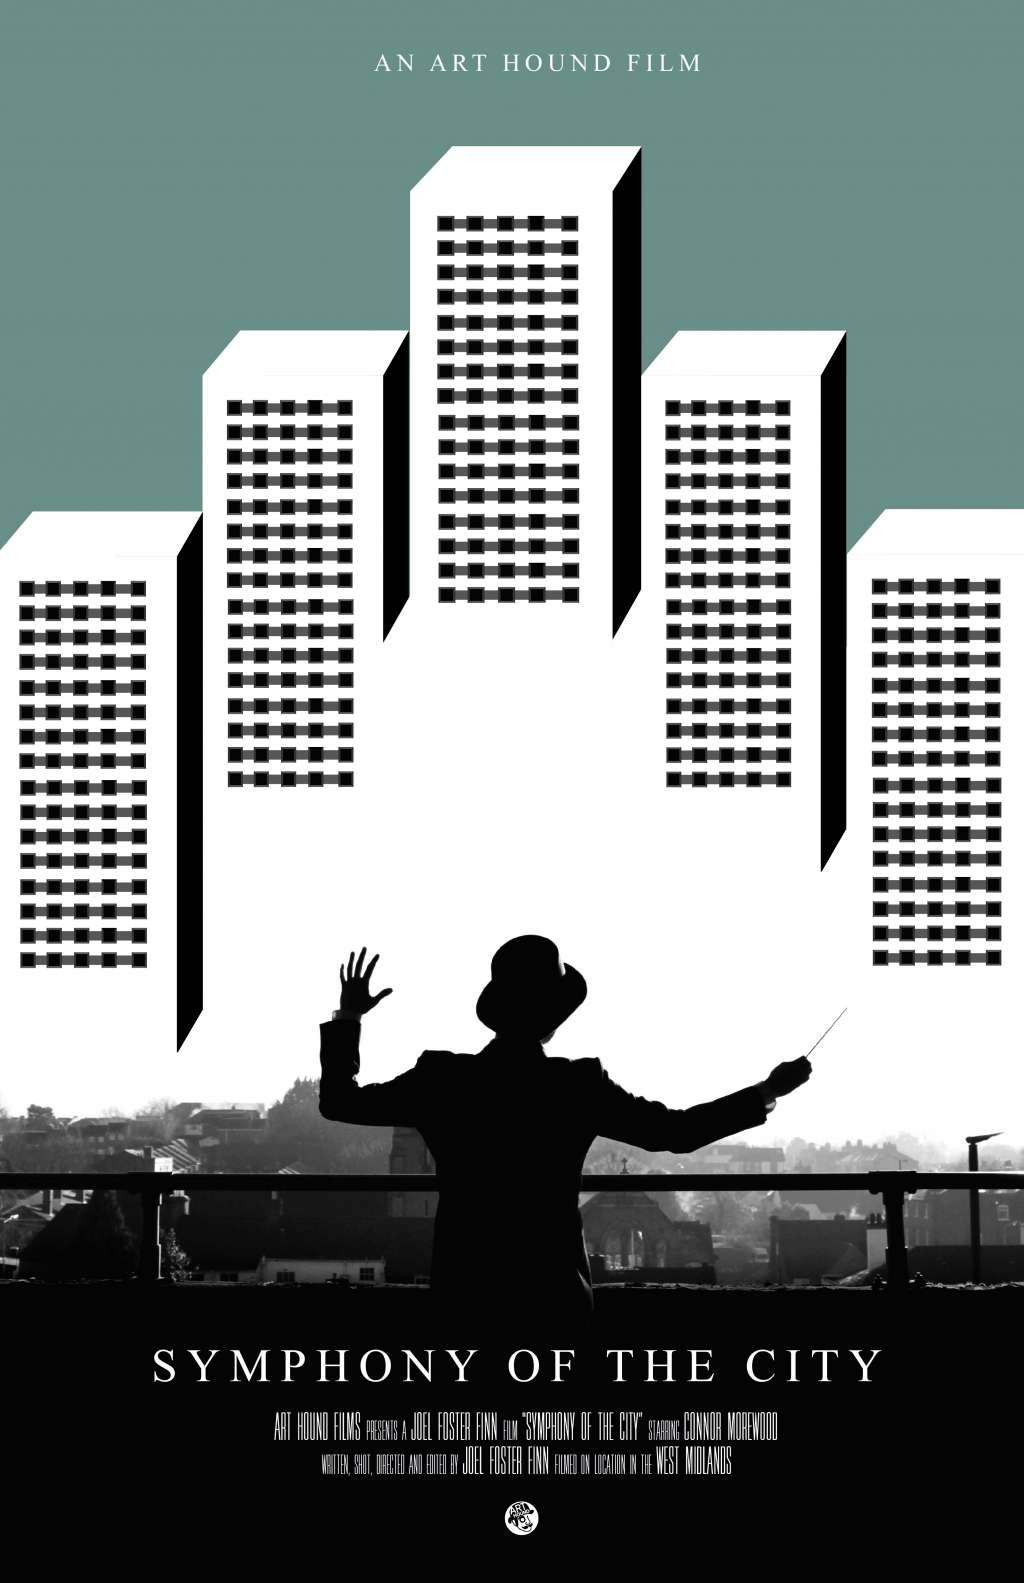 Symphony of the City kapak